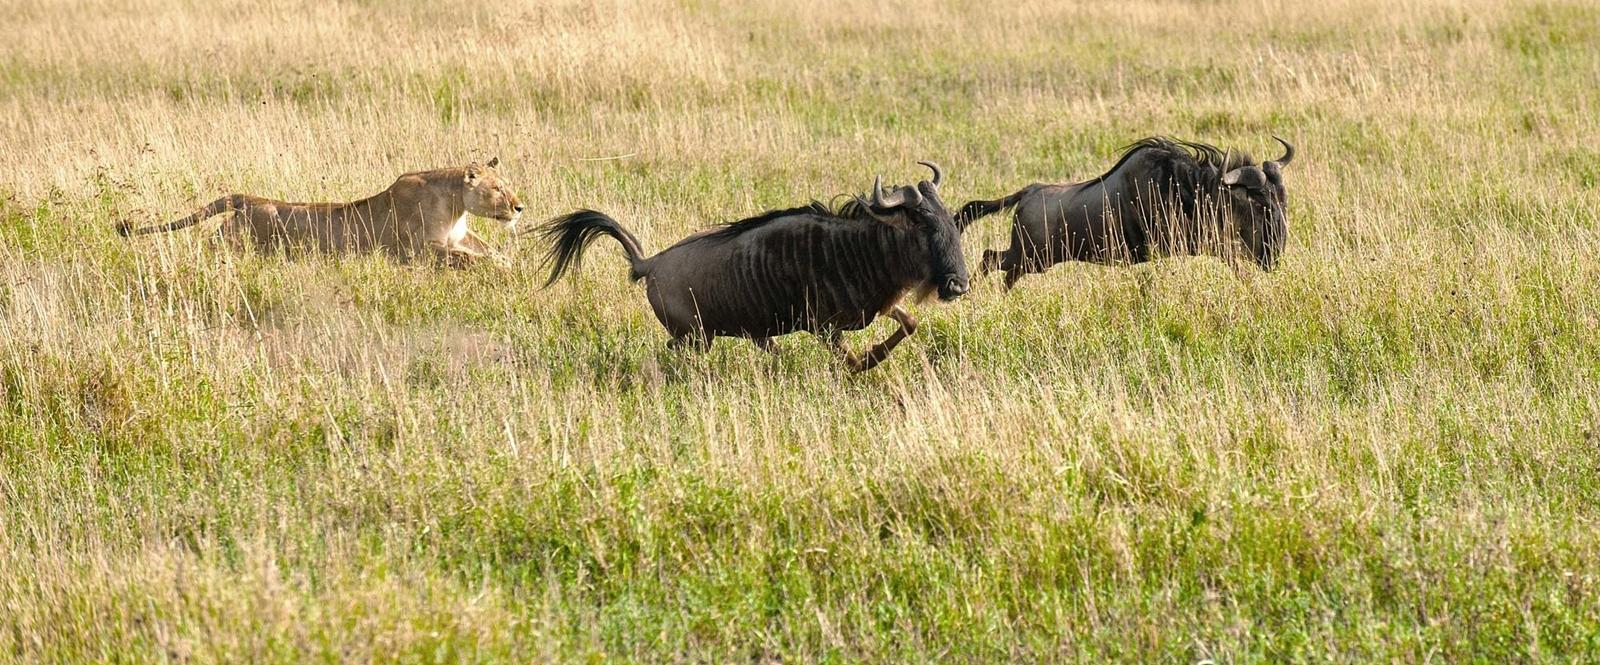 5 Day Tanzania safari luxury